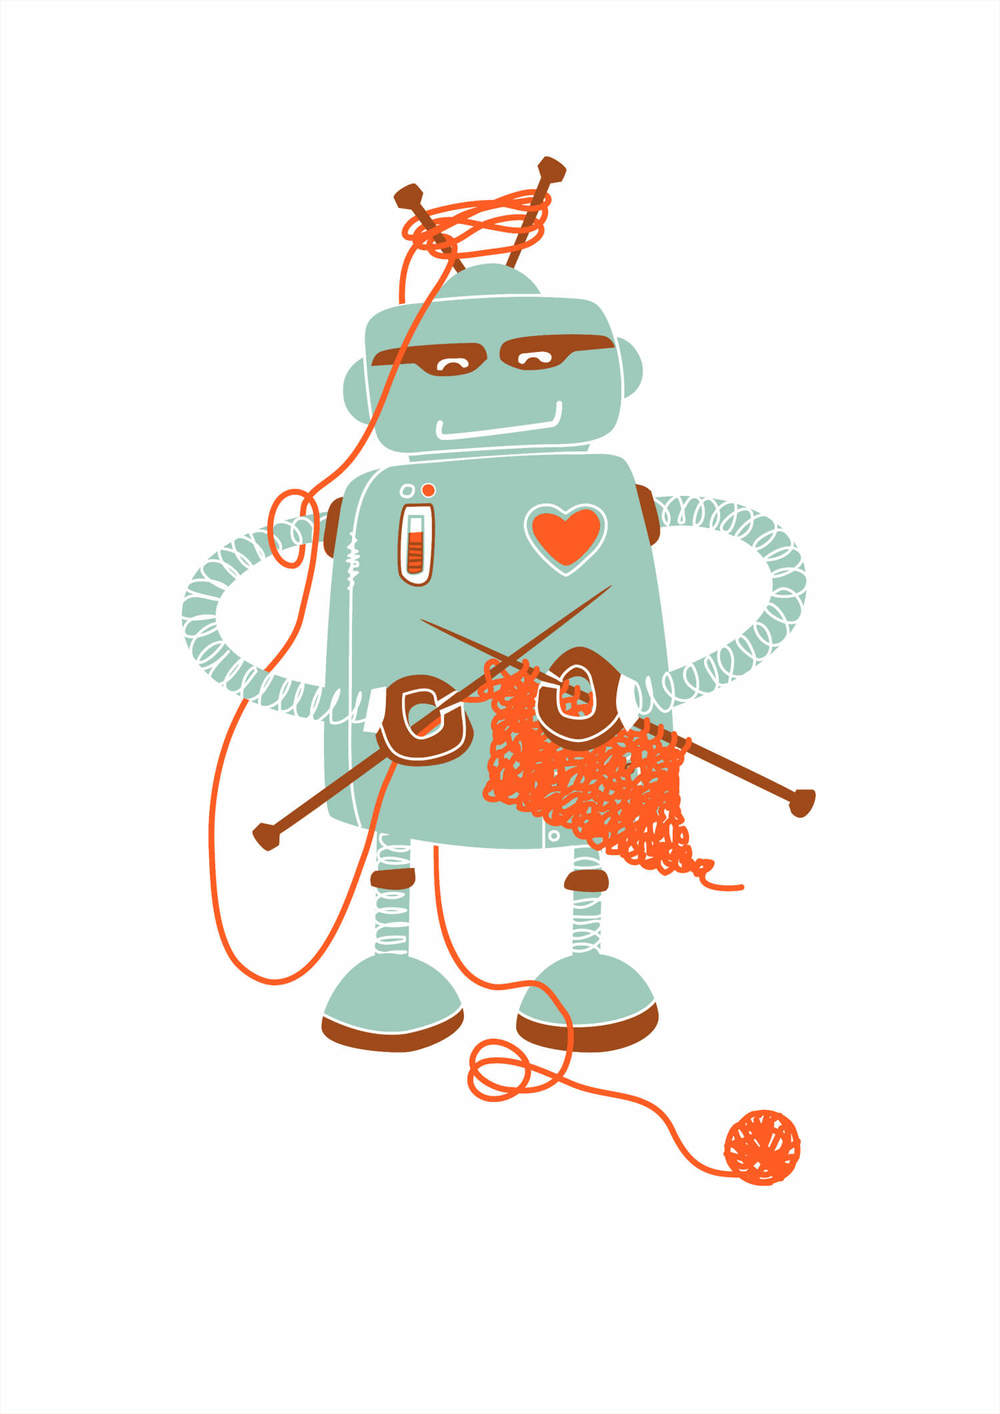 Robo-knit